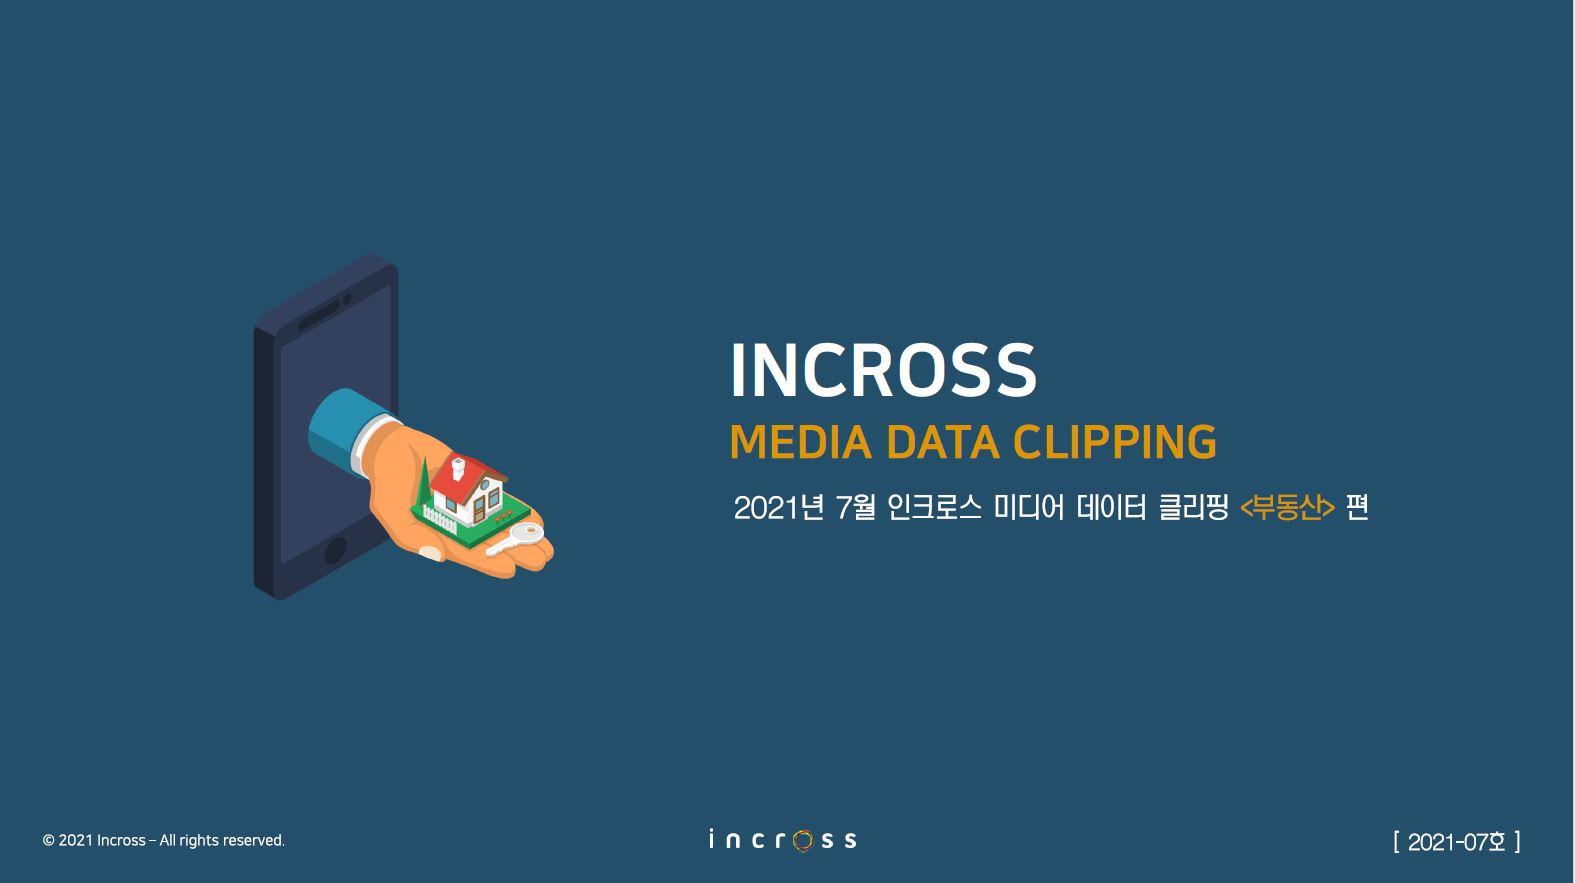 인크로스 미디어 데이터 클리핑_부동산.JPG